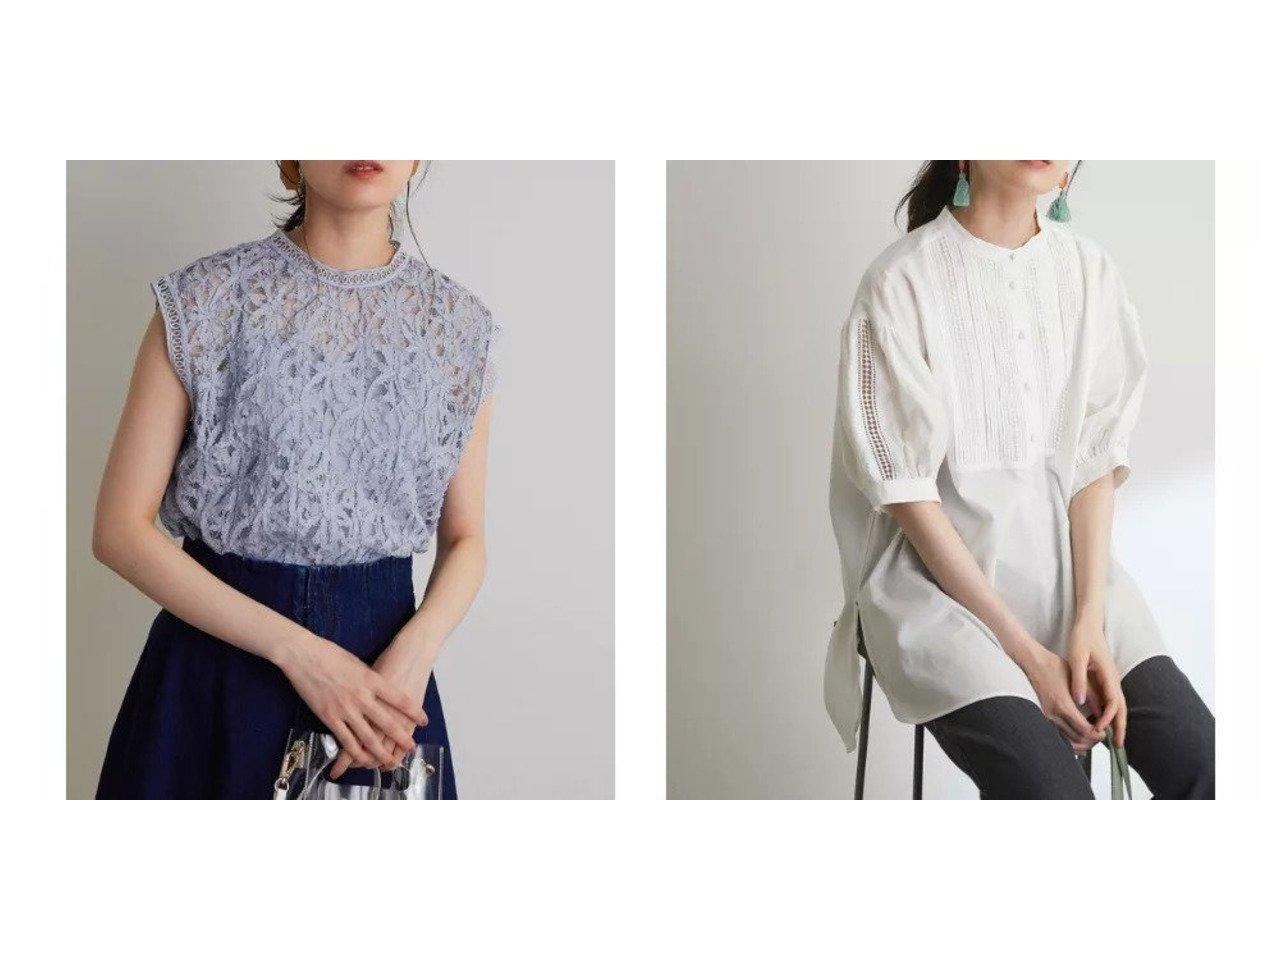 【VIS/ビス】の【vis- a-vis】コットンピンタックレースチュニック&【vis- a-vis】【キャミSET】3Dレースブラウス おすすめ!人気、トレンド・レディースファッションの通販 おすすめで人気の流行・トレンド、ファッションの通販商品 インテリア・家具・メンズファッション・キッズファッション・レディースファッション・服の通販 founy(ファニー) https://founy.com/ ファッションモデル・俳優・女優 Models 女性 Women 高橋愛 Takahashi Ai ファッション Fashion レディースファッション WOMEN トップス・カットソー Tops/Tshirt キャミソール / ノースリーブ No Sleeves シャツ/ブラウス Shirts/Blouses インナー キャミ キャミソール シンプル デニム トレンド ノースリーブ ベーシック ボトム レース おすすめ Recommend 夏 Summer クラシカル スリット チュニック フレア ポケット ヨーク ラウンド |ID:crp329100000054697